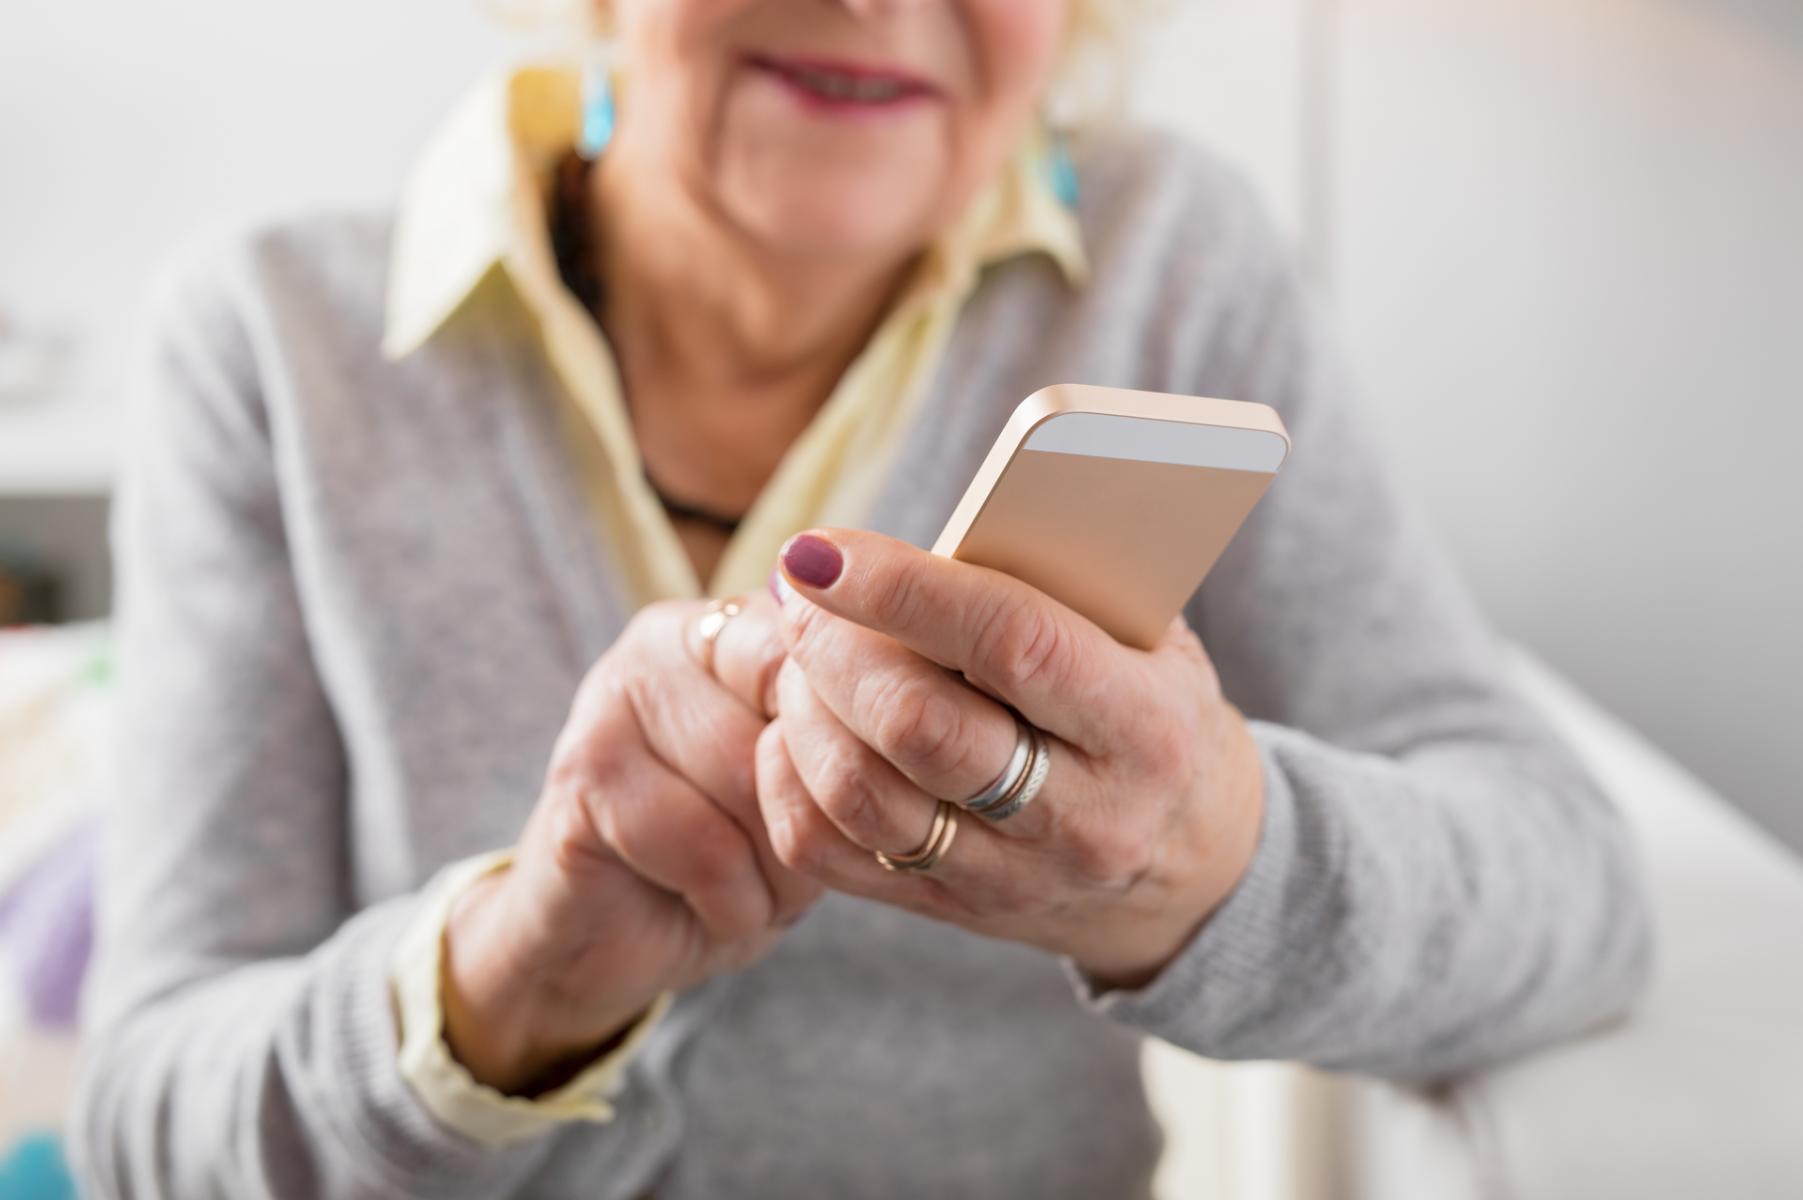 科技是高齡化挑戰的解藥嗎?